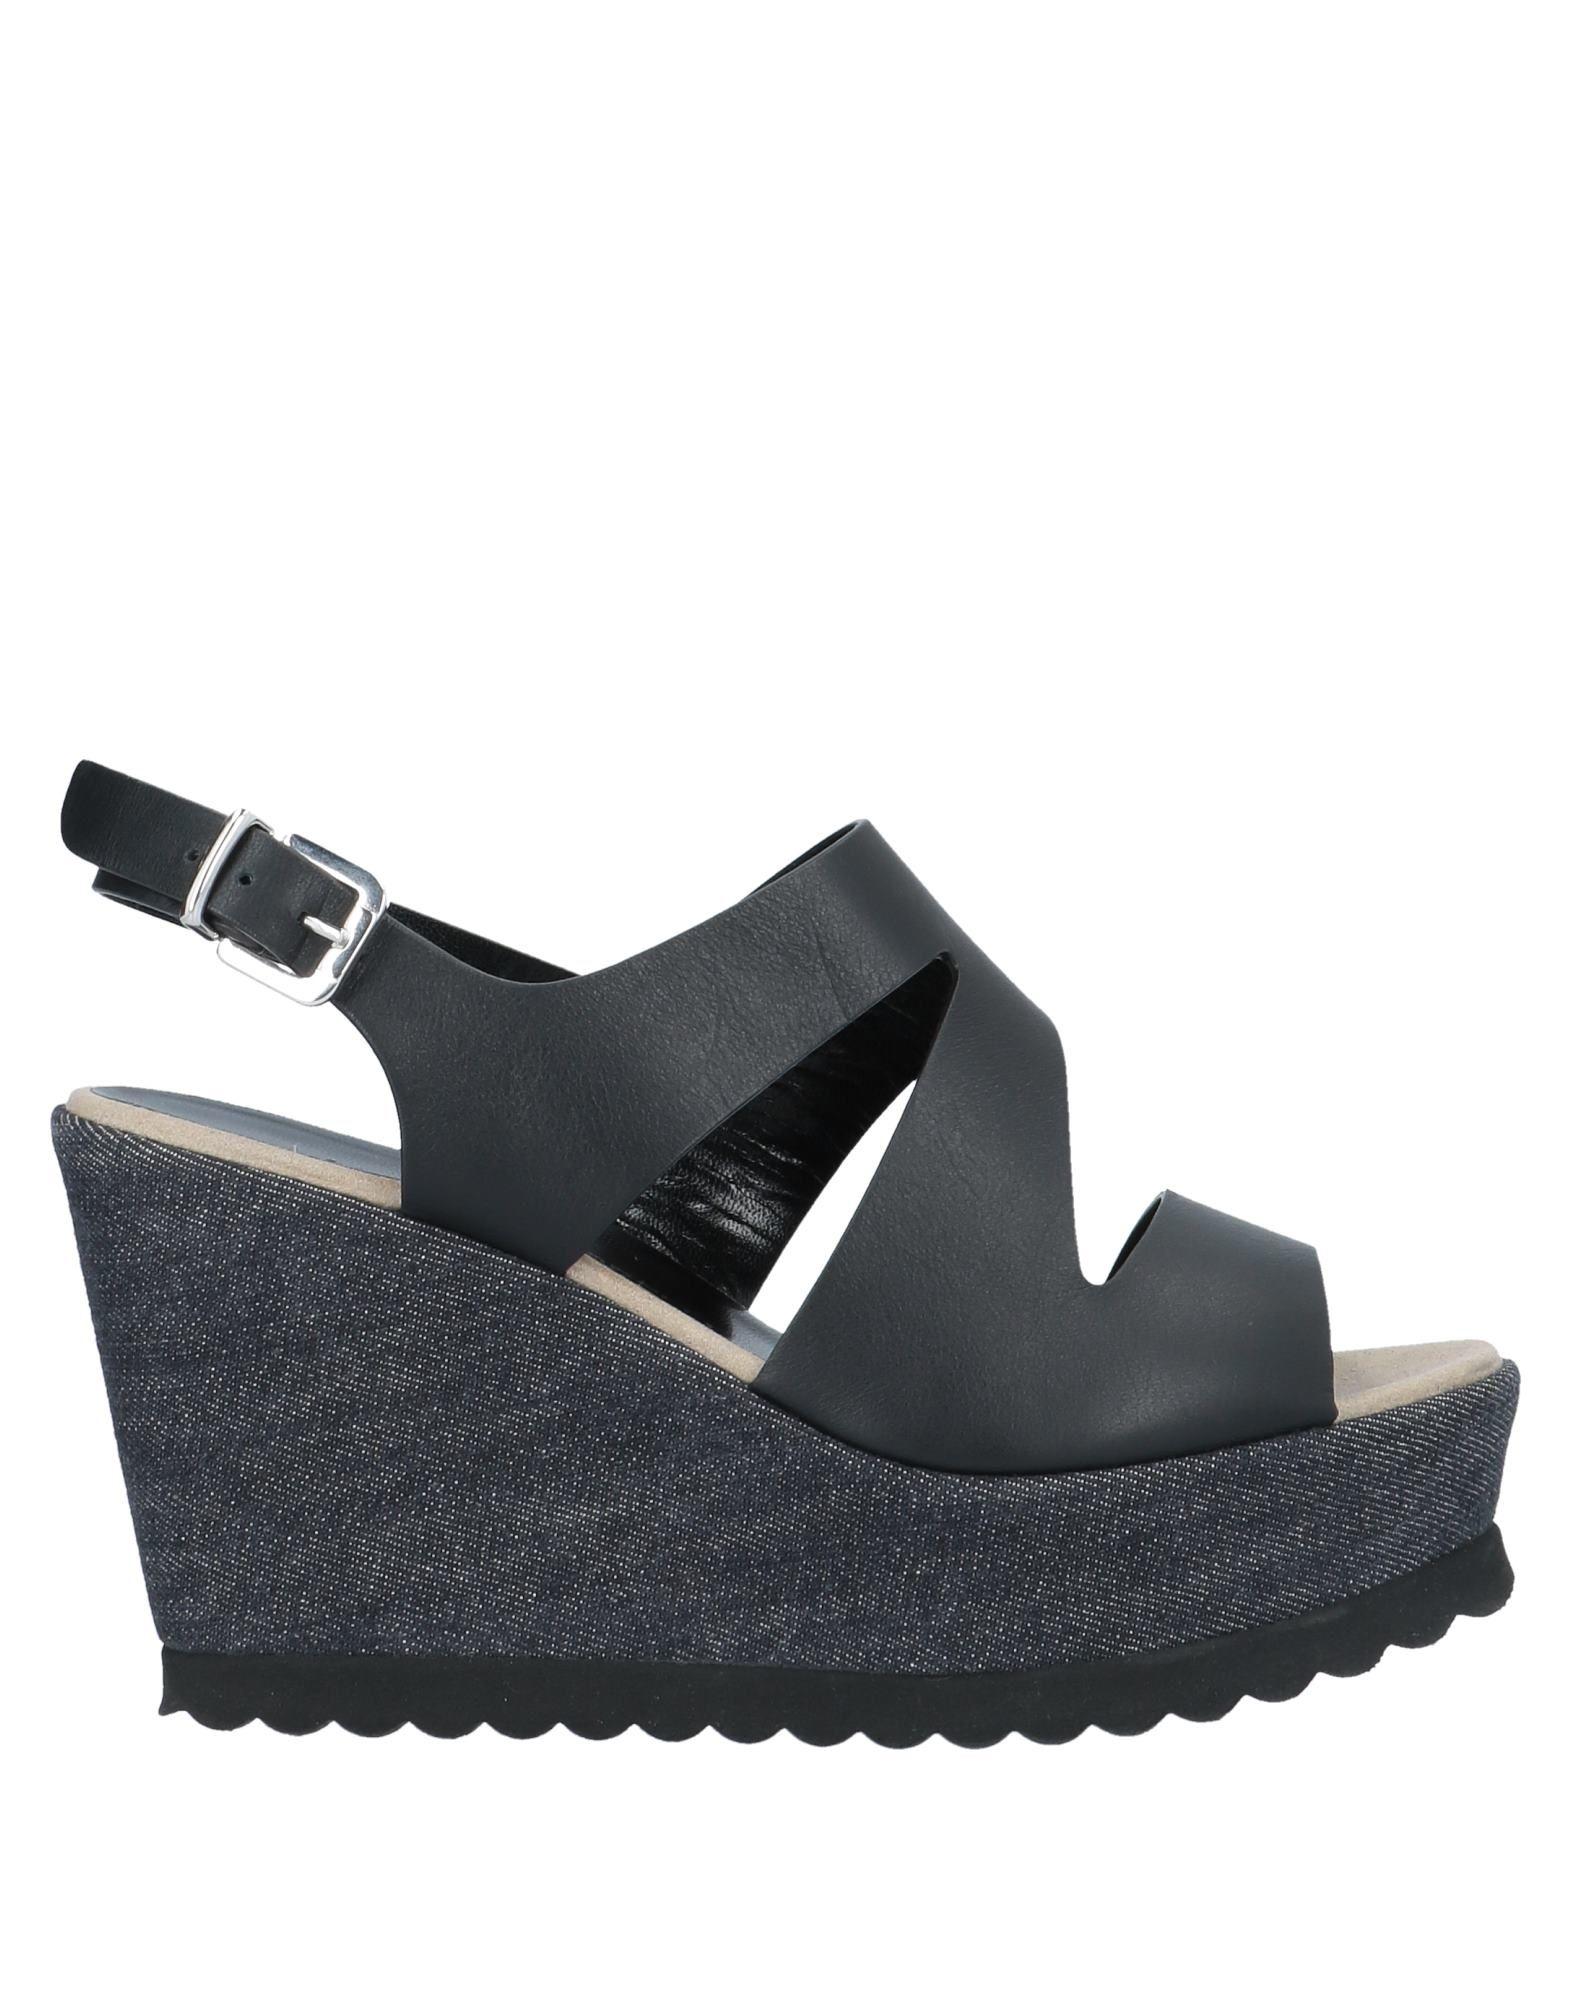 GIANMARCO SORELLI | GIANMARCO SORELLI Sandals 11713048 | Goxip